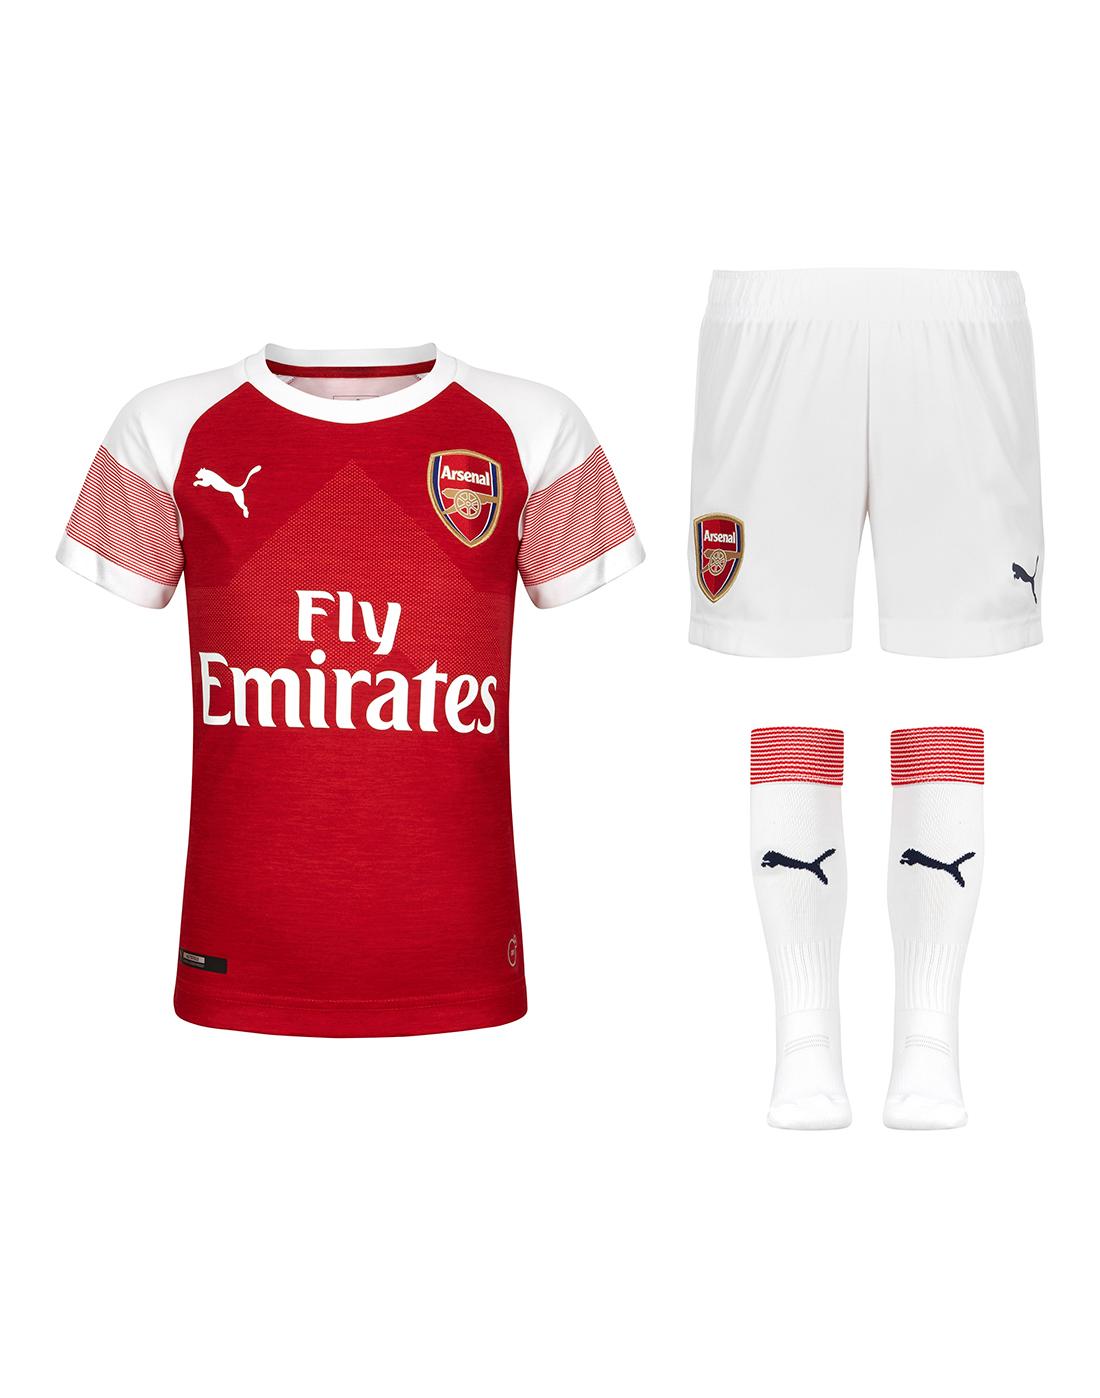 7f125811f72 Kids Arsenal 18/19 Home Kit | Puma | Life Style Sports q